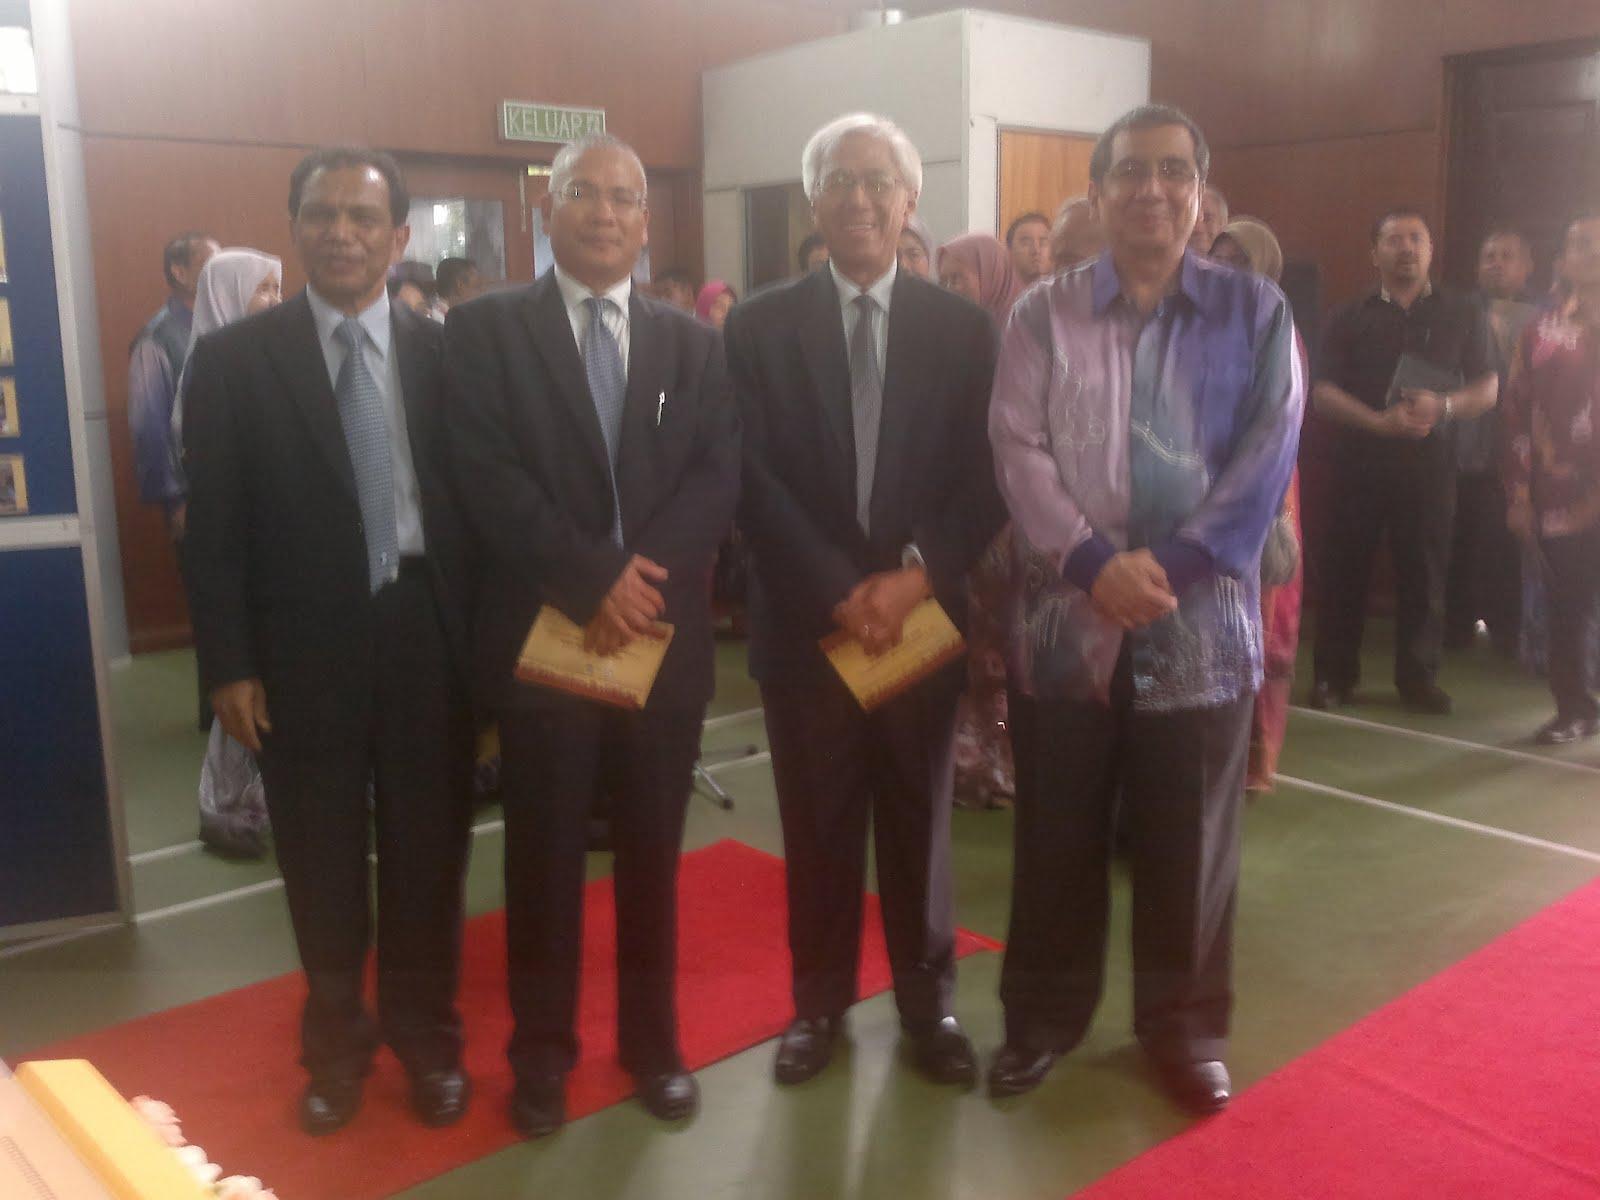 Dato56 Dato Kelenjeridze: PERDASAMA: Sepetang Bersama YB Dato Sri Ismail Sabri